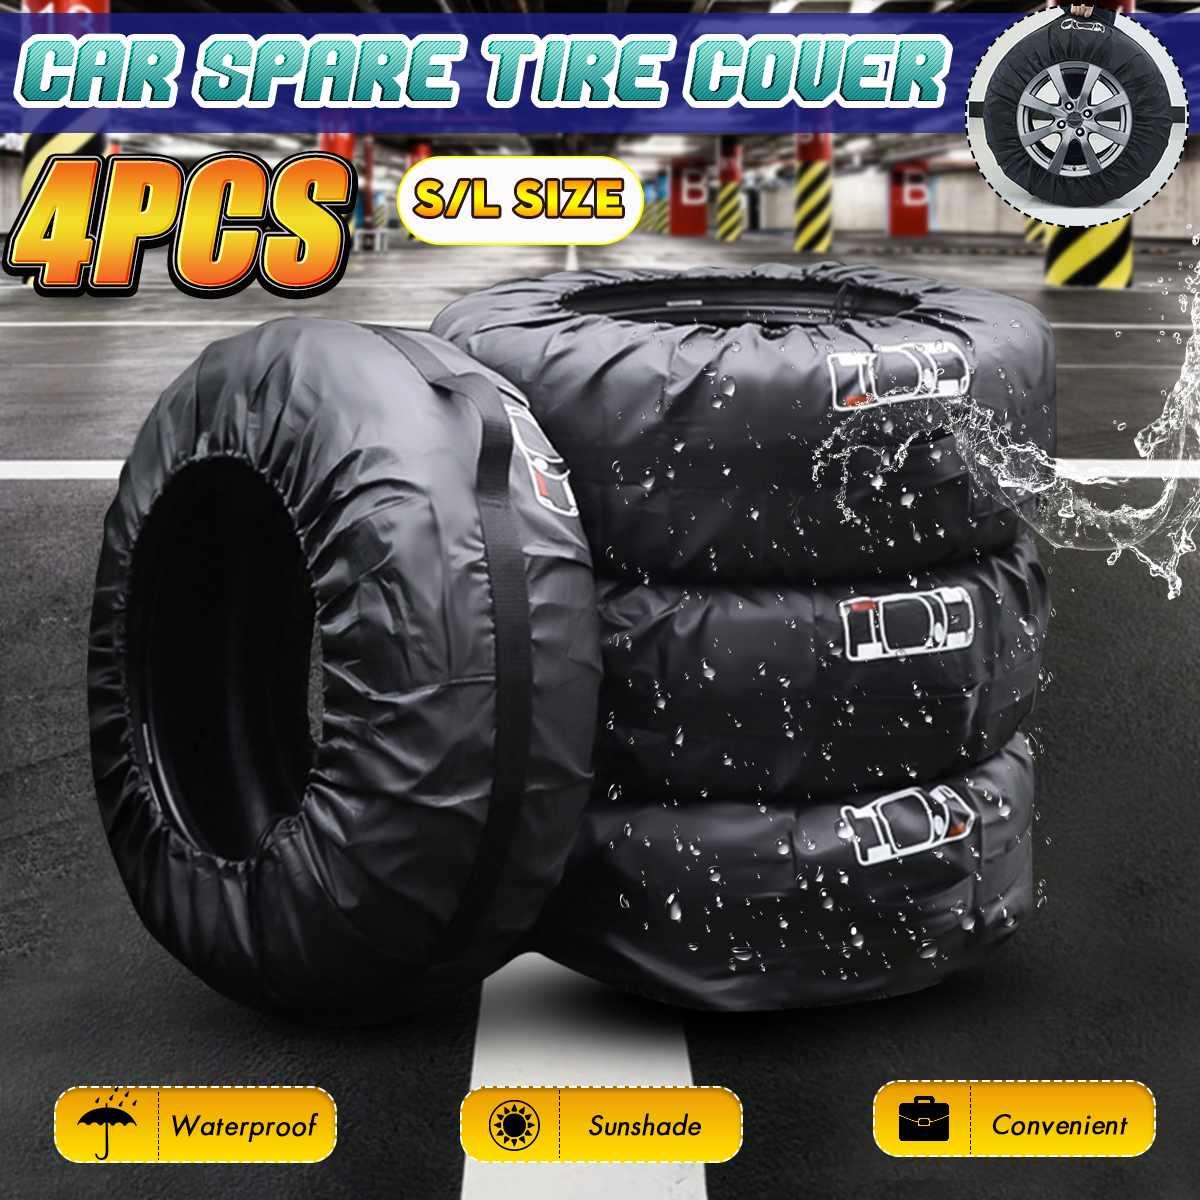 Универсальный 4 шт запасной чехол для шин, полиэстер, автомобильная сумка для хранения шин, авто покрышки, защита для колес, водонепроницаемый|Принадлежности для шин|   | АлиЭкспресс